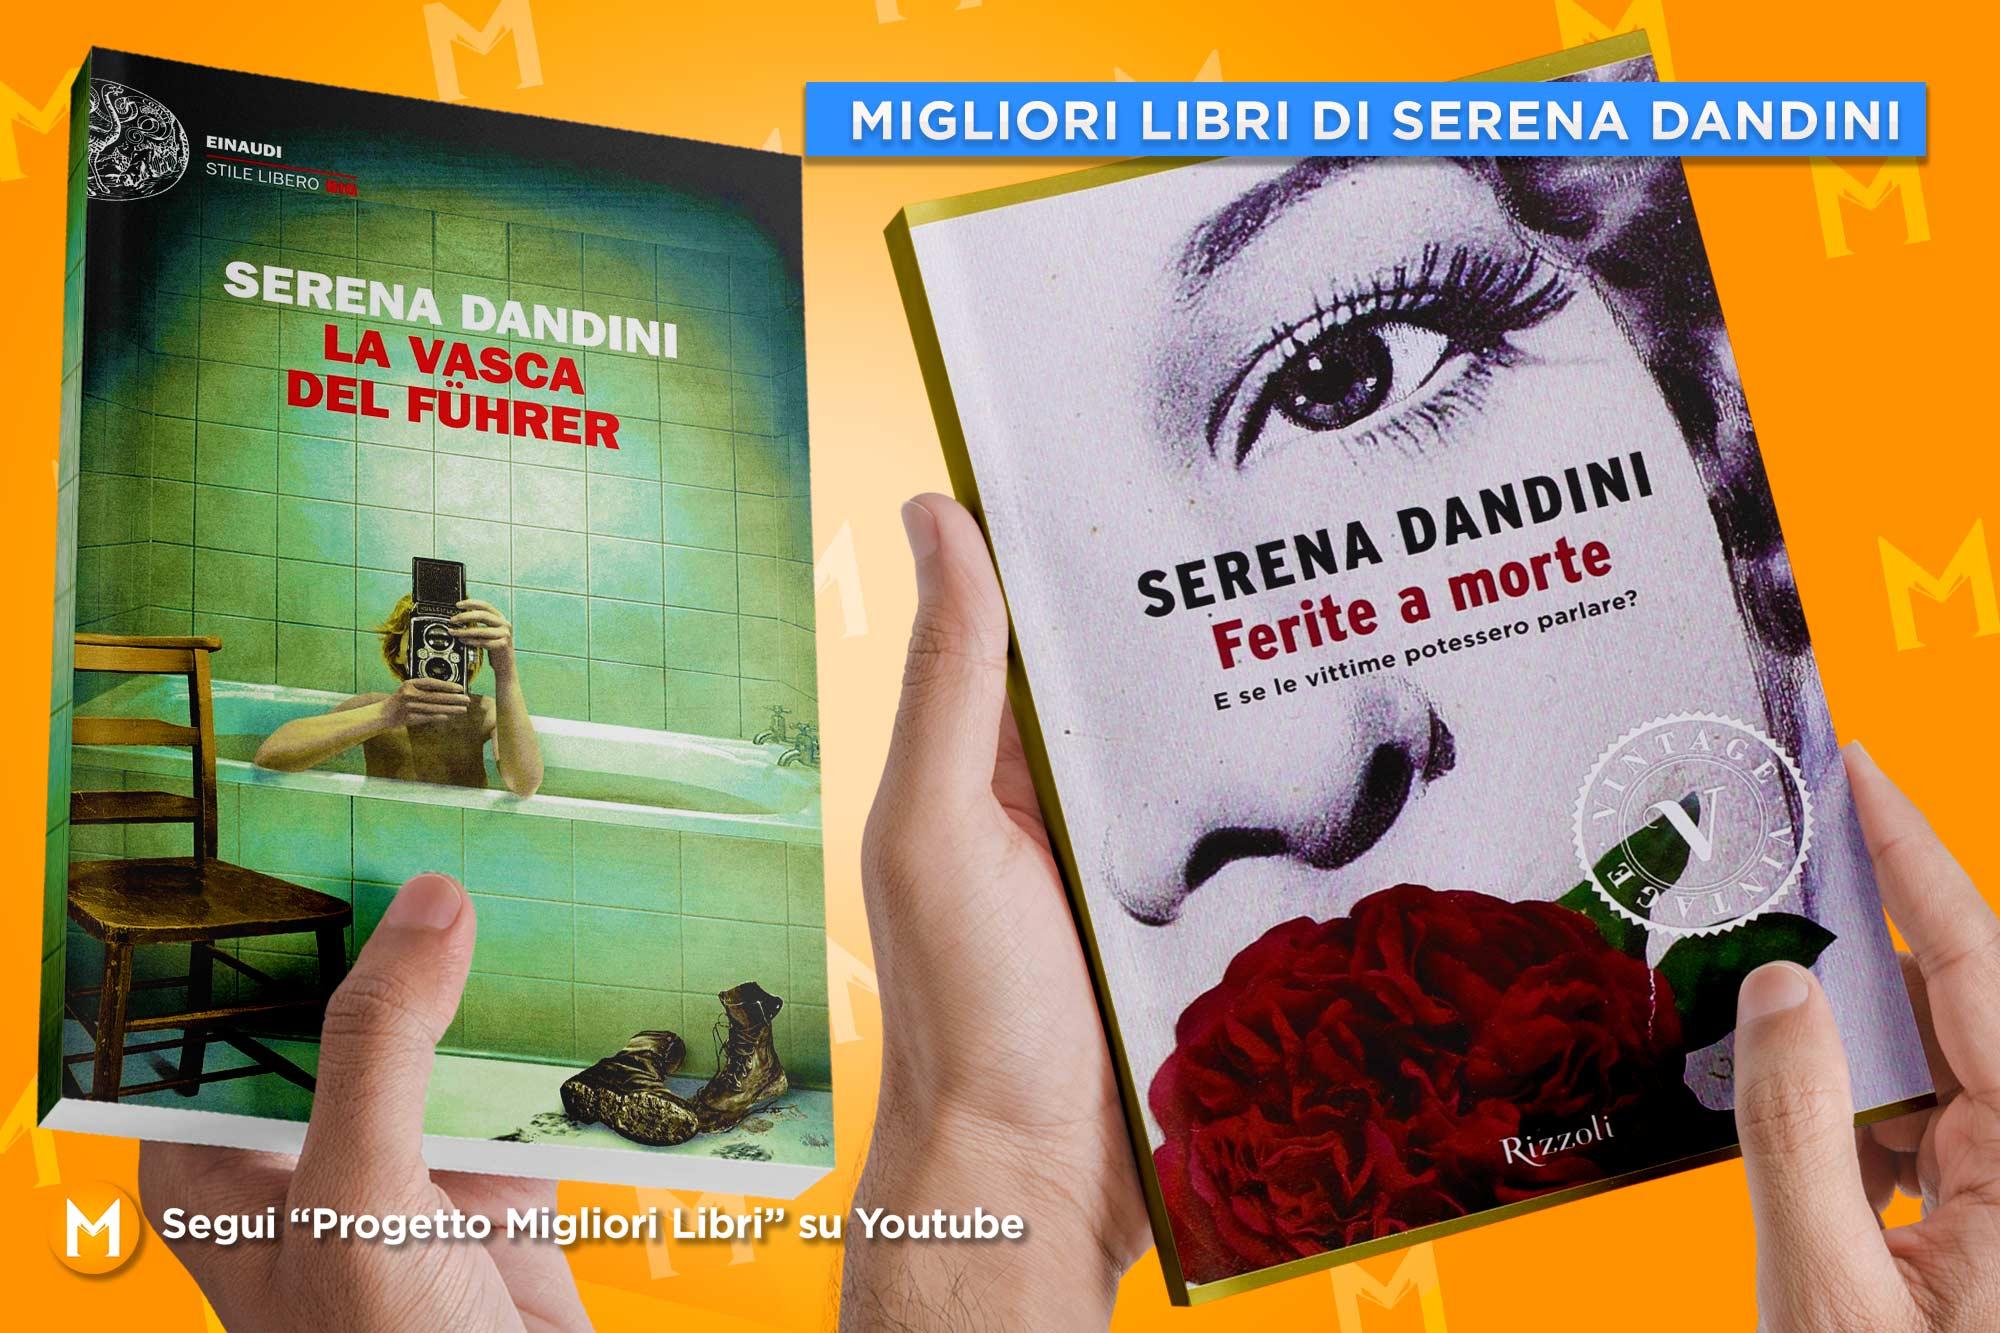 migliori-libri-serena-dandini